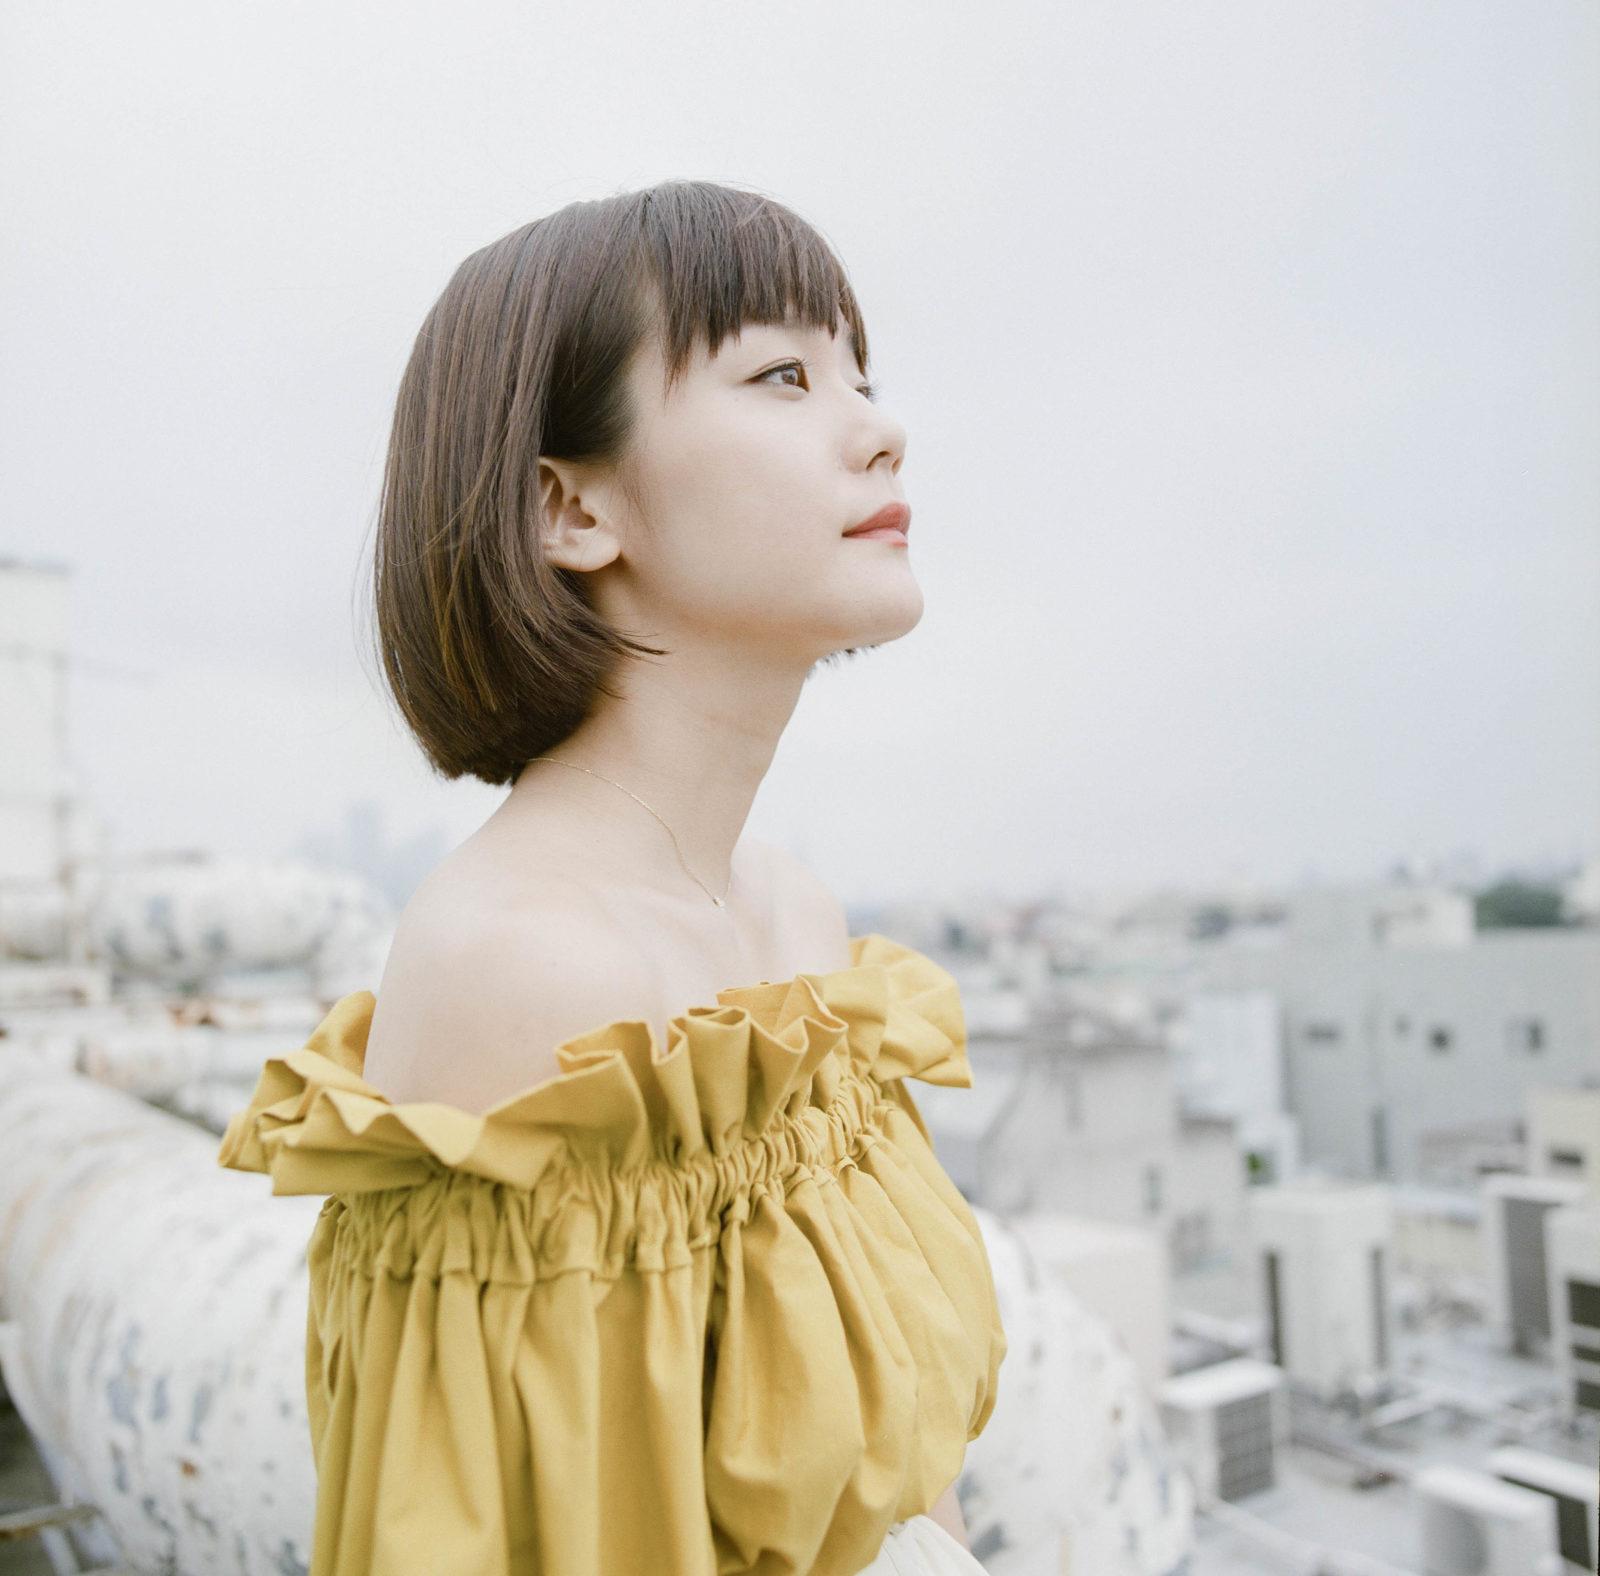 吉澤嘉代子、PARCO「グランバザール」CM歌唱・ナレーション参加サムネイル画像